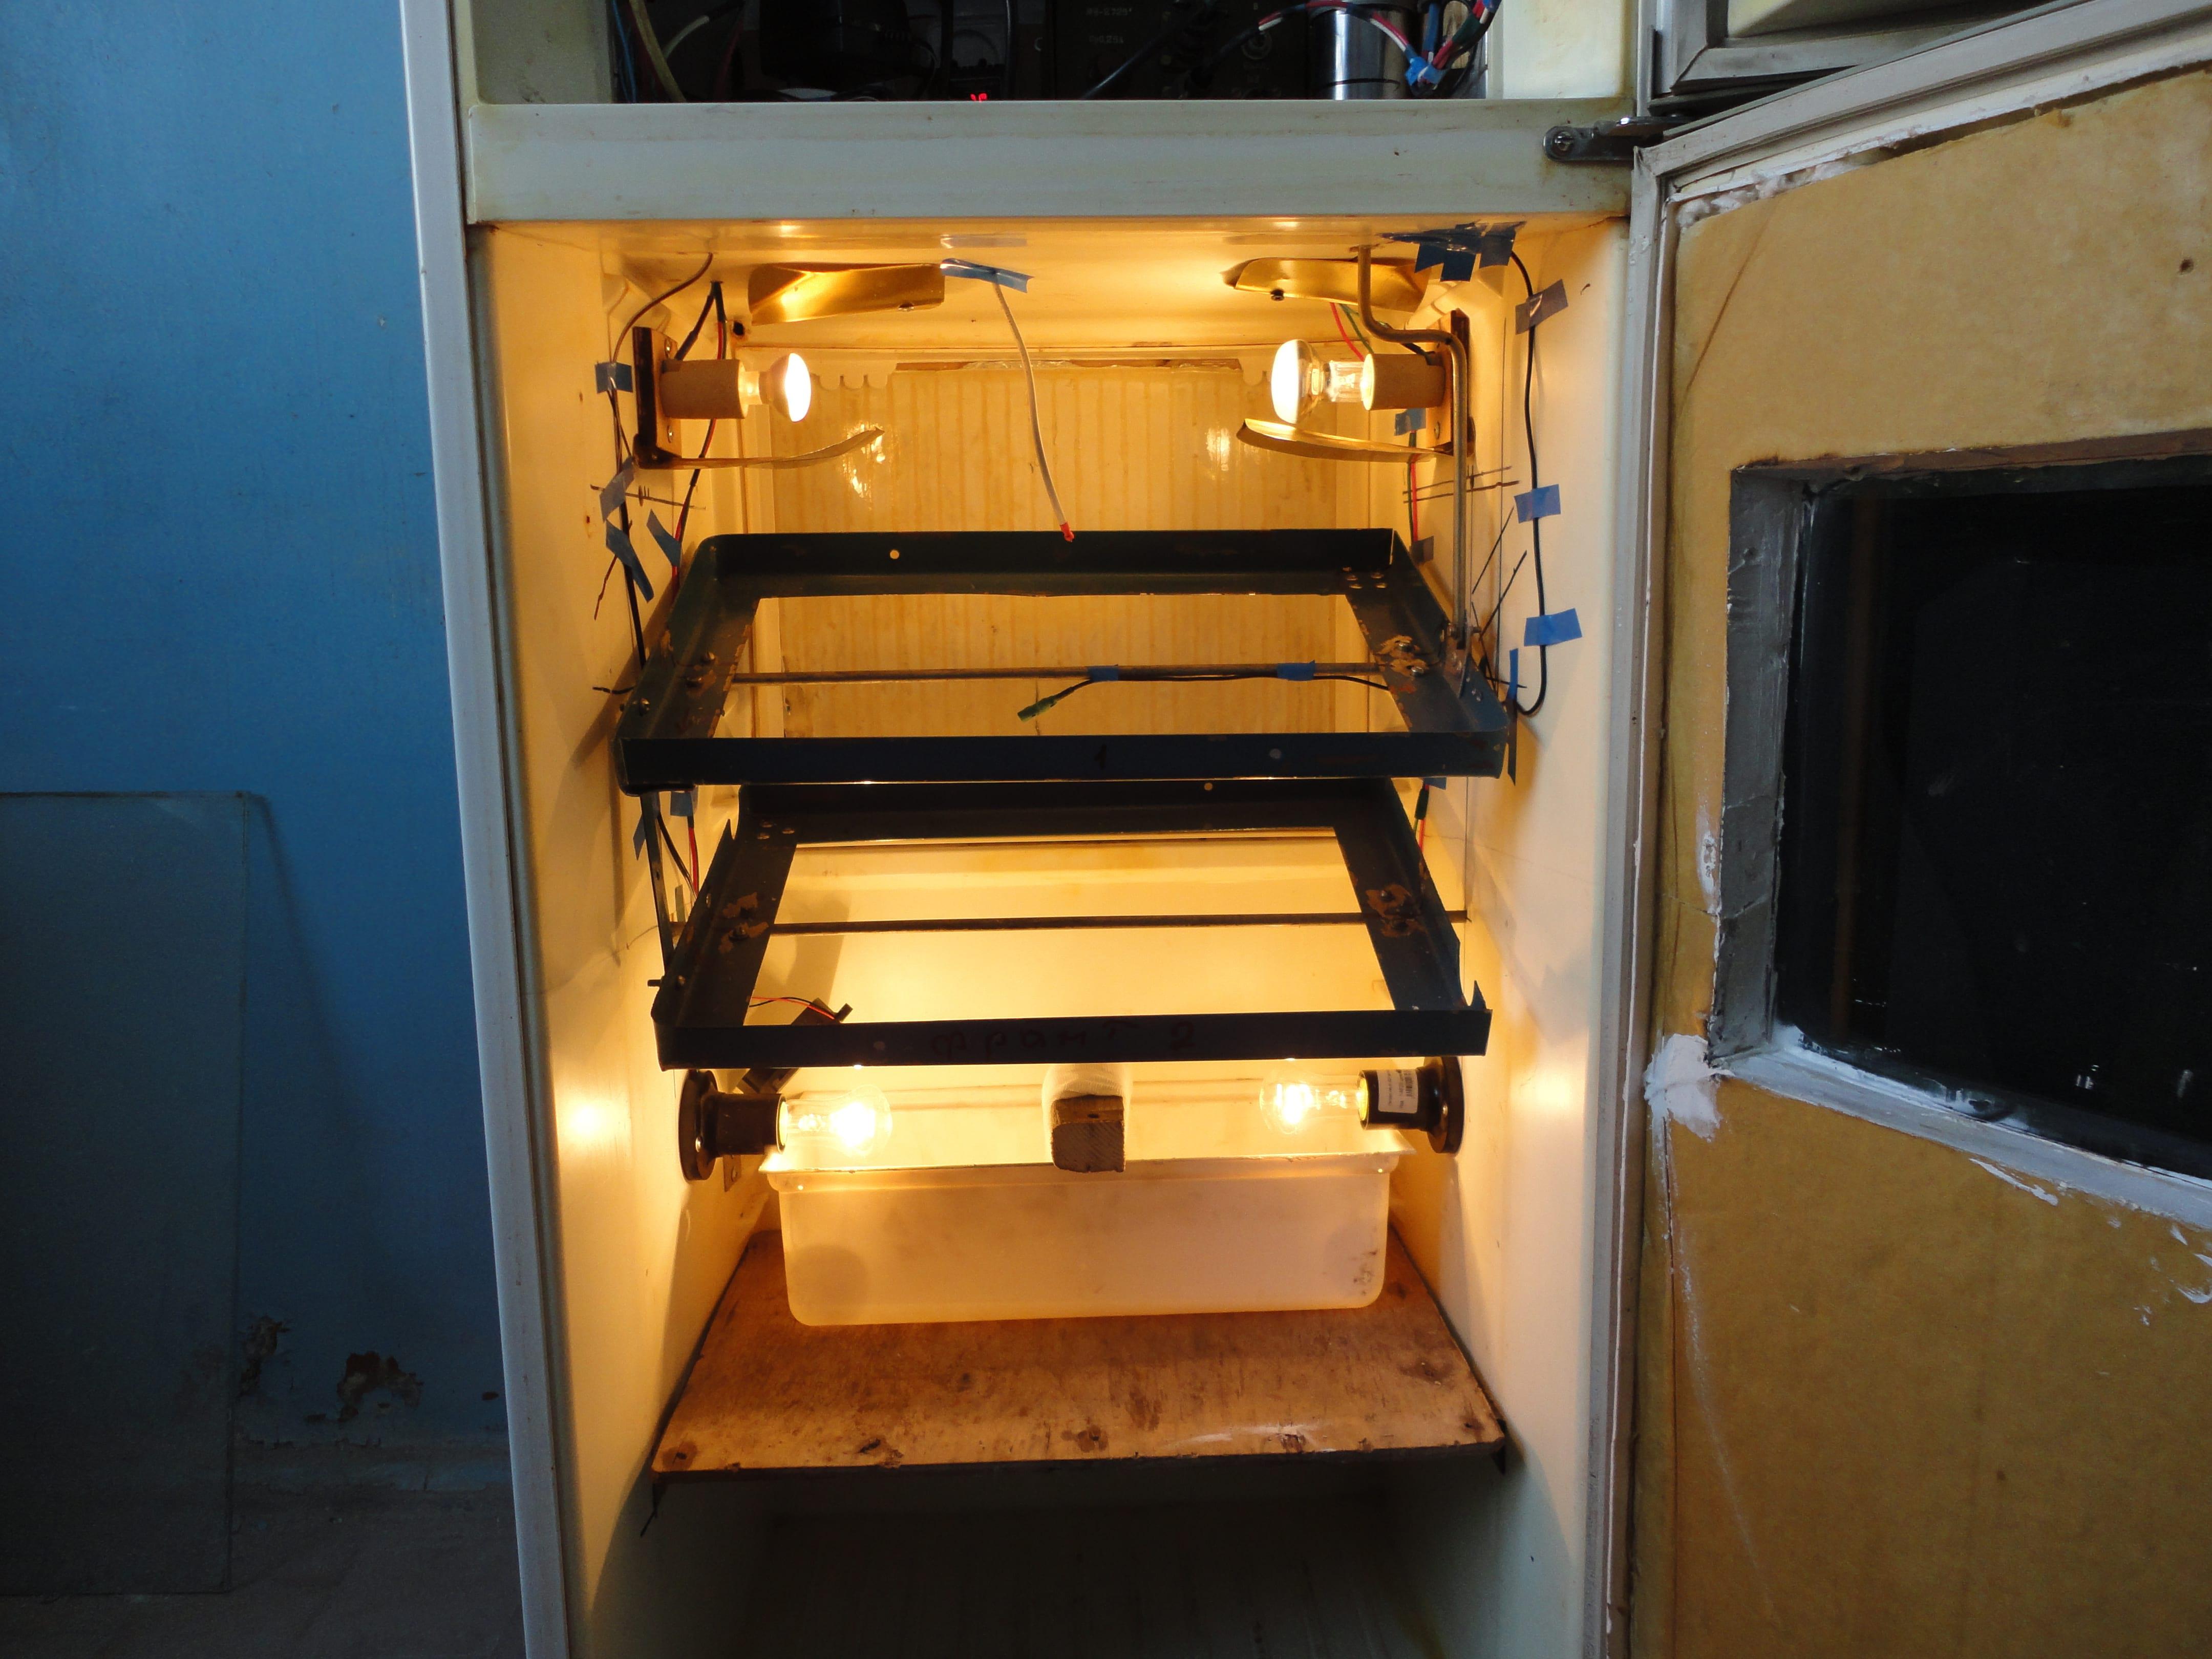 Инкубатор своими руками — чертежи и описание, виды инкубаторов для вывода птенцов в домашних условиях. 120 фото самодельных инкубаторов